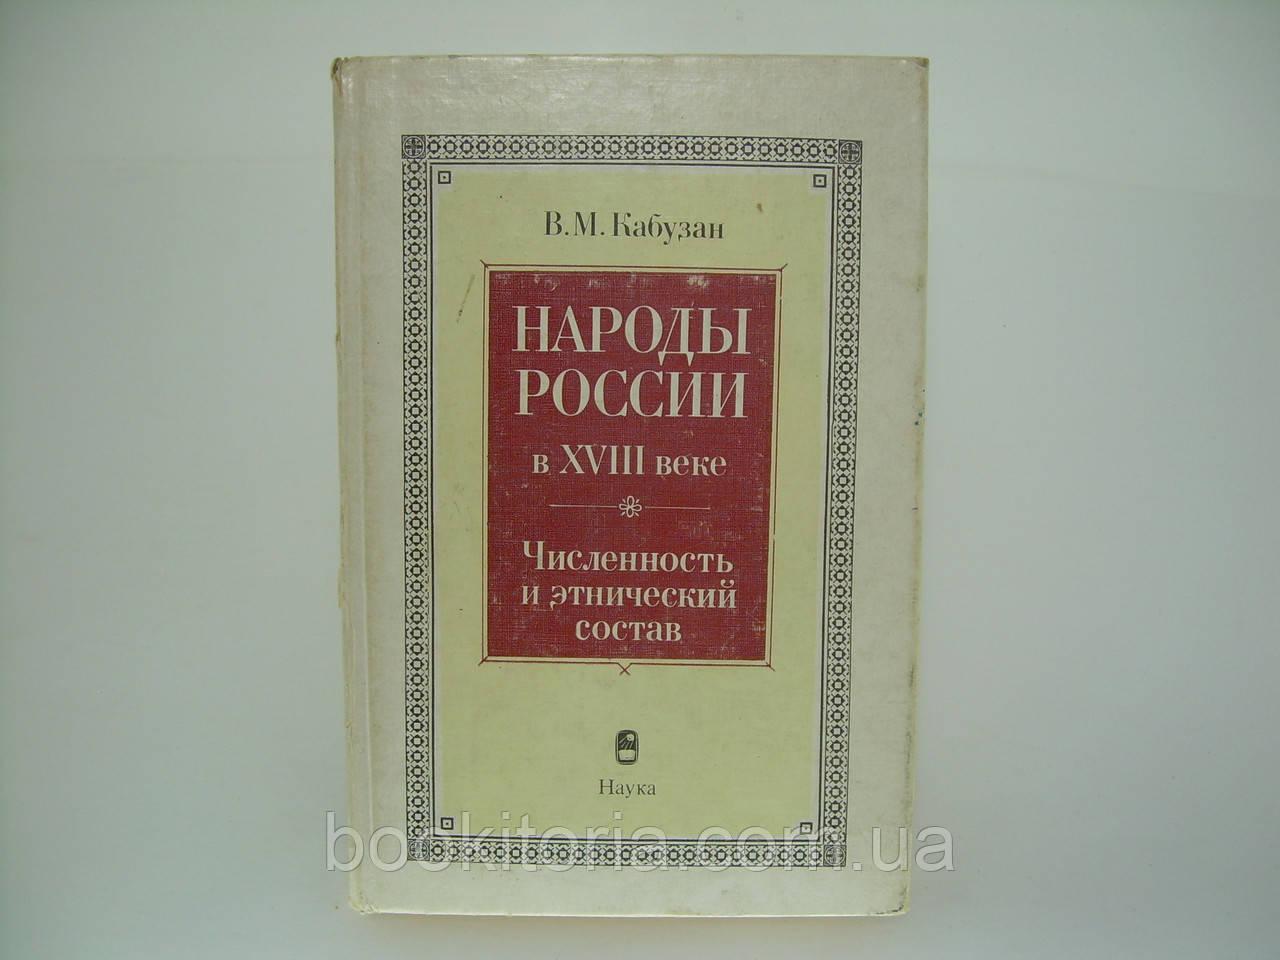 Кабузан В. Народы России в XVIII веке. Численность и этнический состав (б/у).